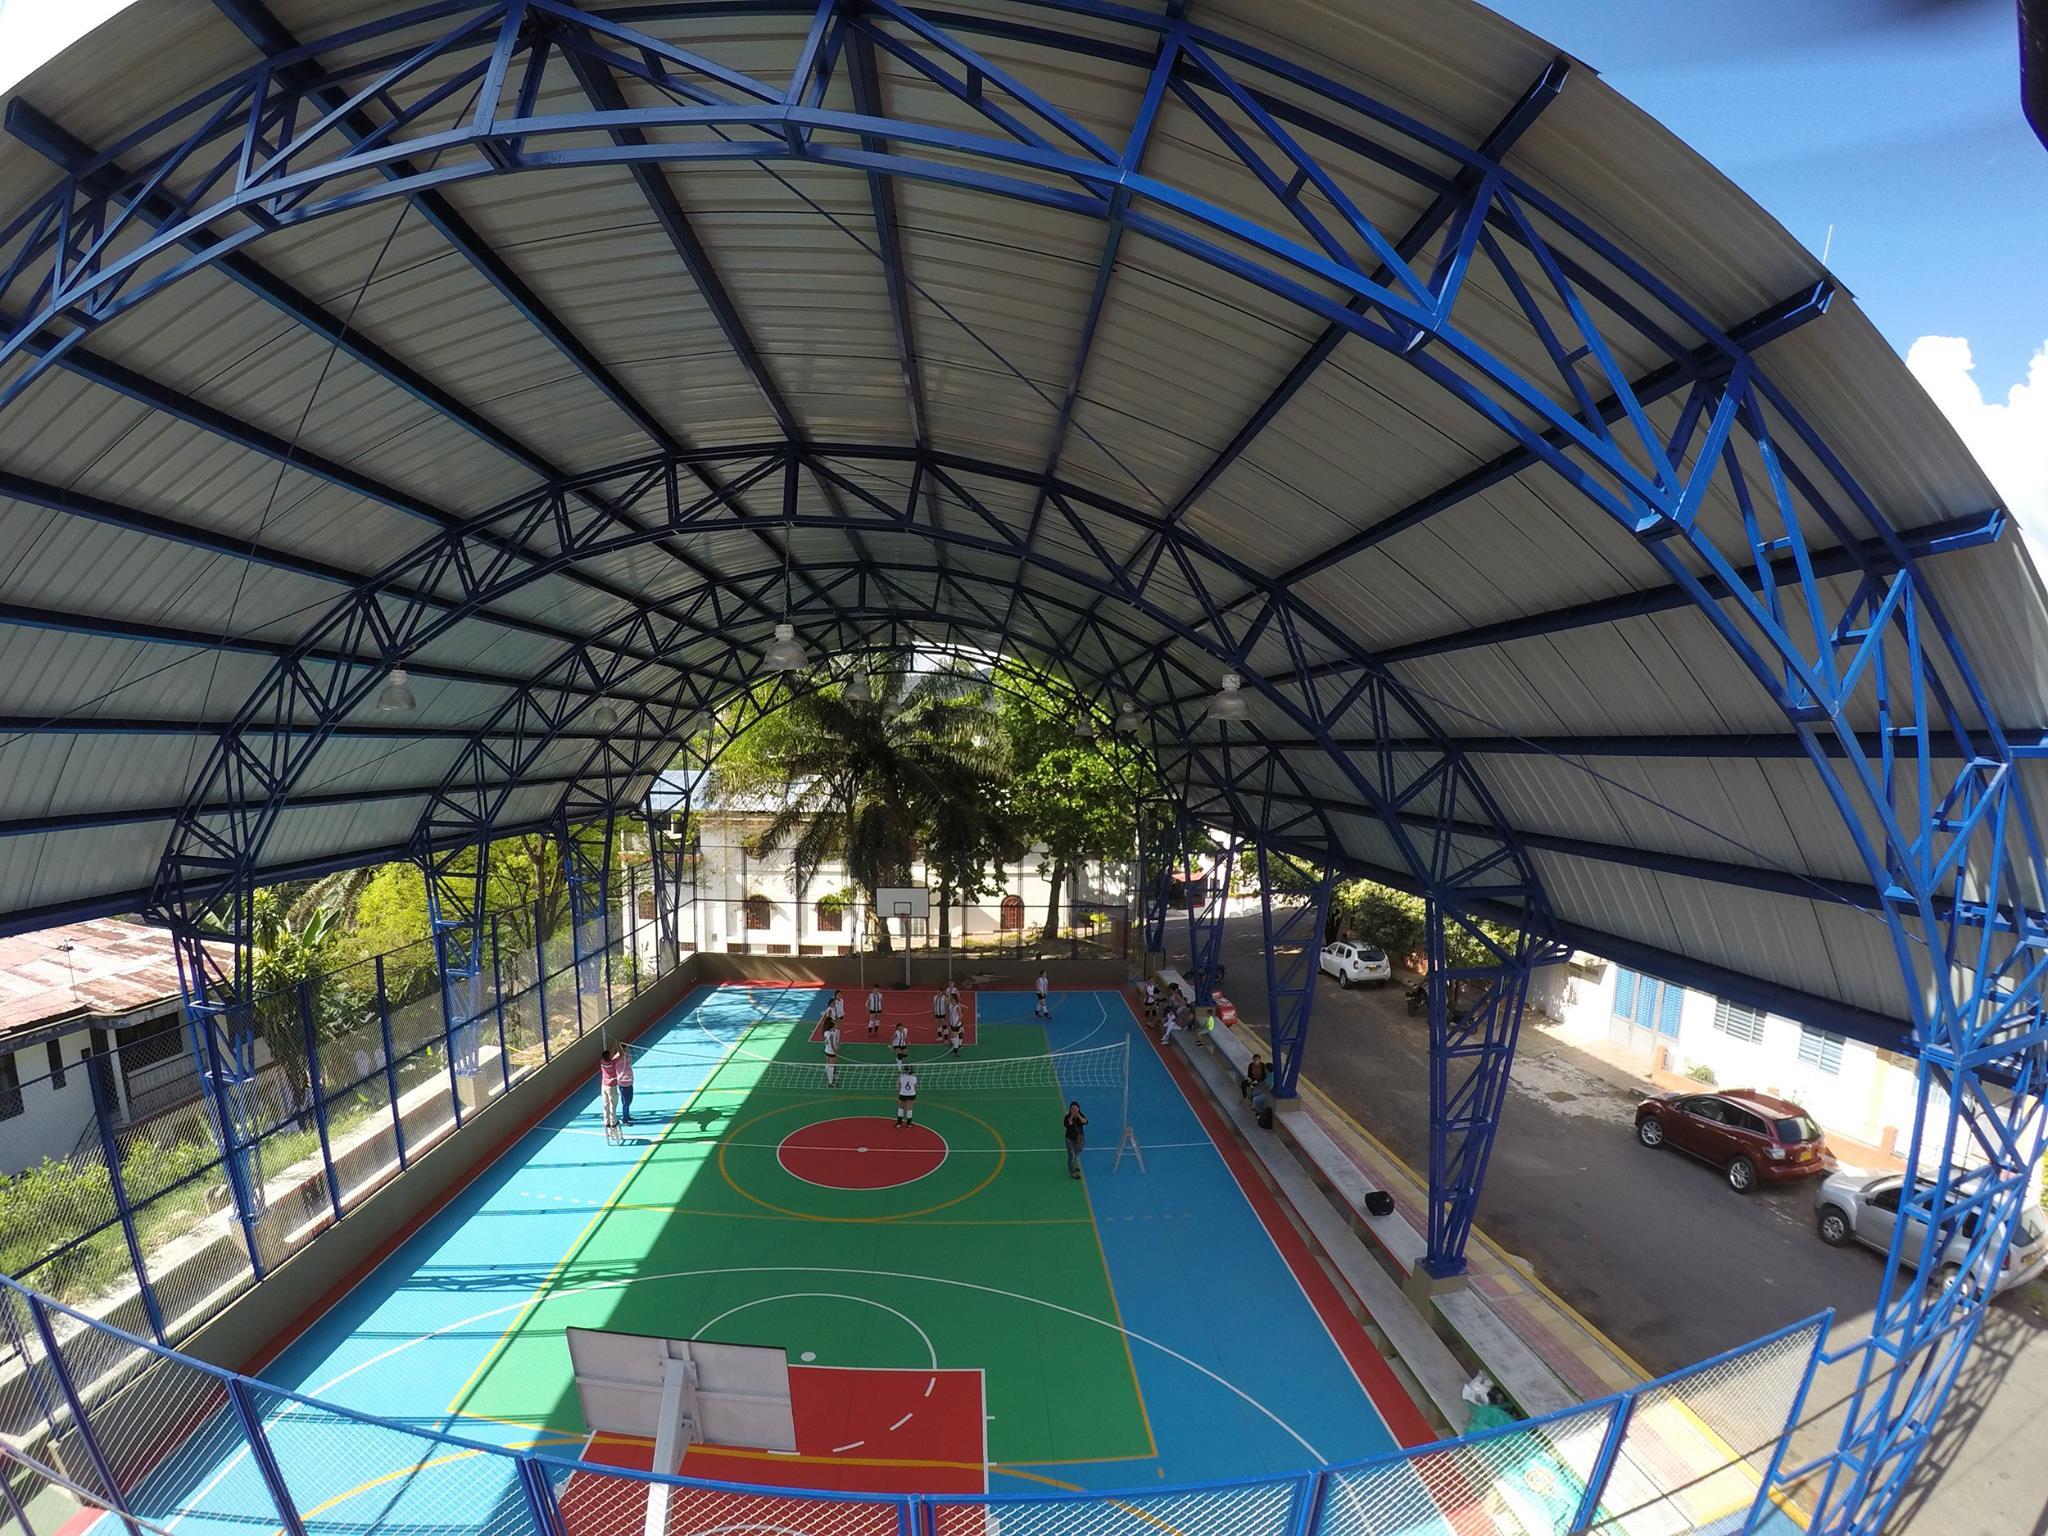 Mejoramiento del polideportivo barrio La Estrella, Florencia Caquetá